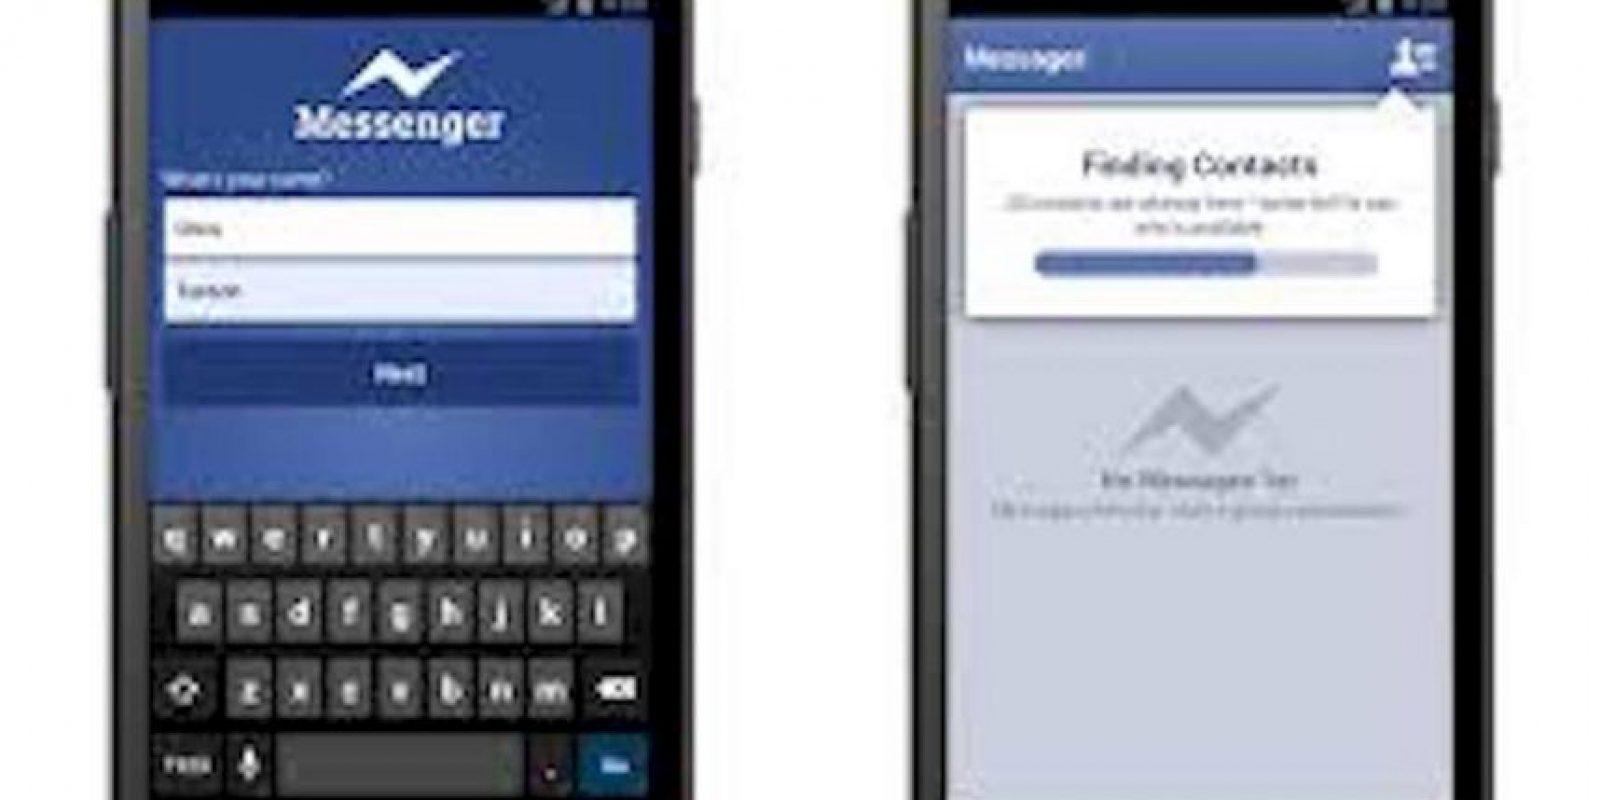 En un principio, la aplicación de messenger no resultó del todo grata para los usuarios. Foto:Getty